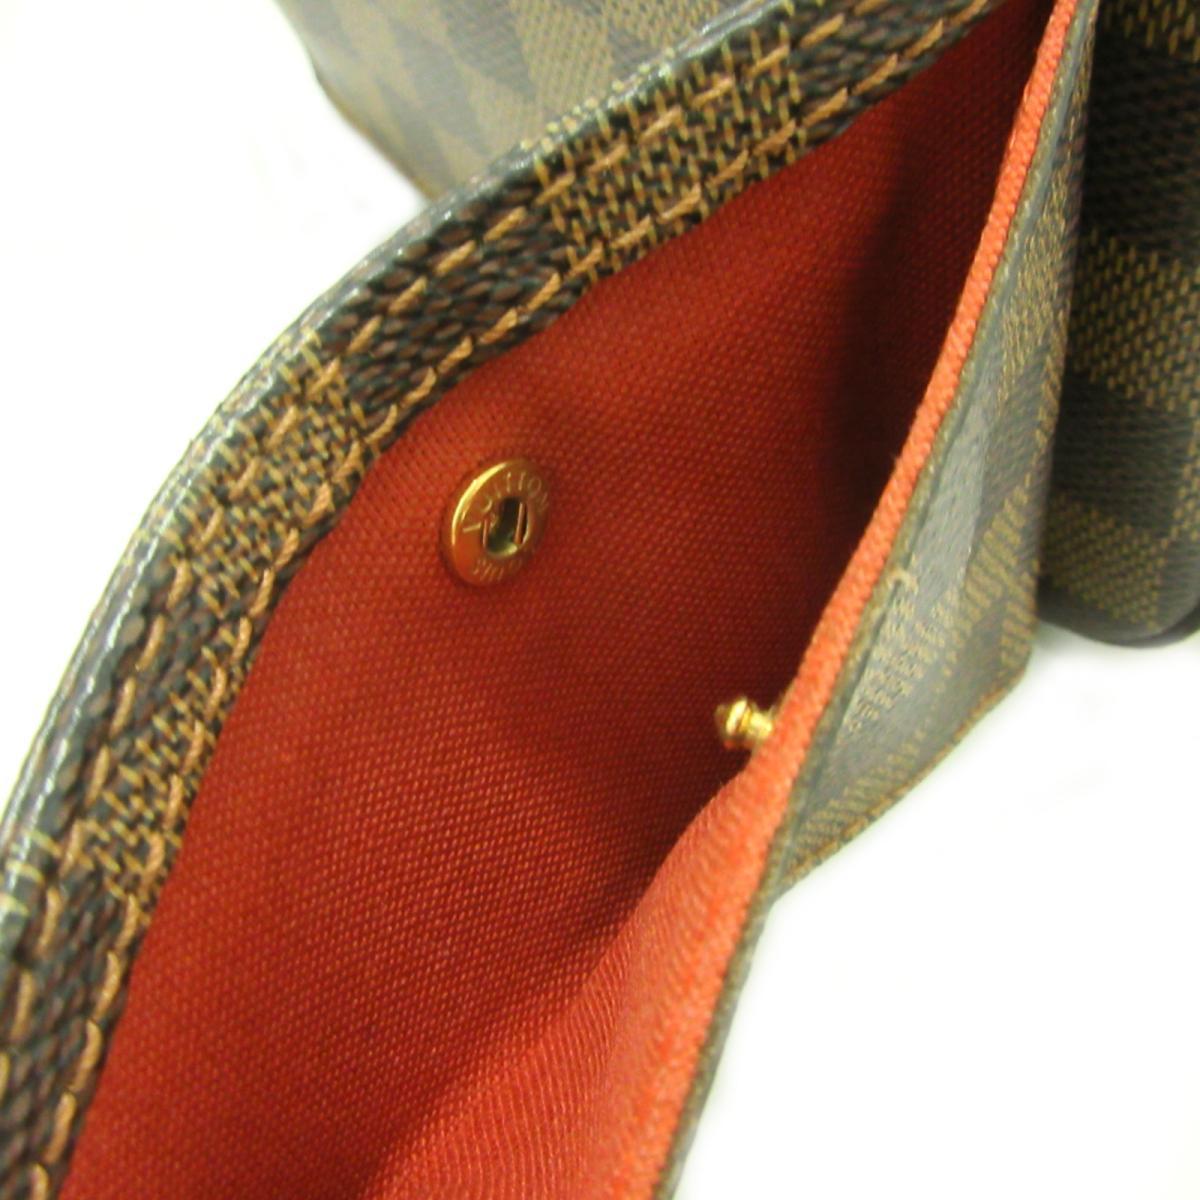 LOUIS VUITTON バッグ N51994 ジェロニモス ウエストバッグ